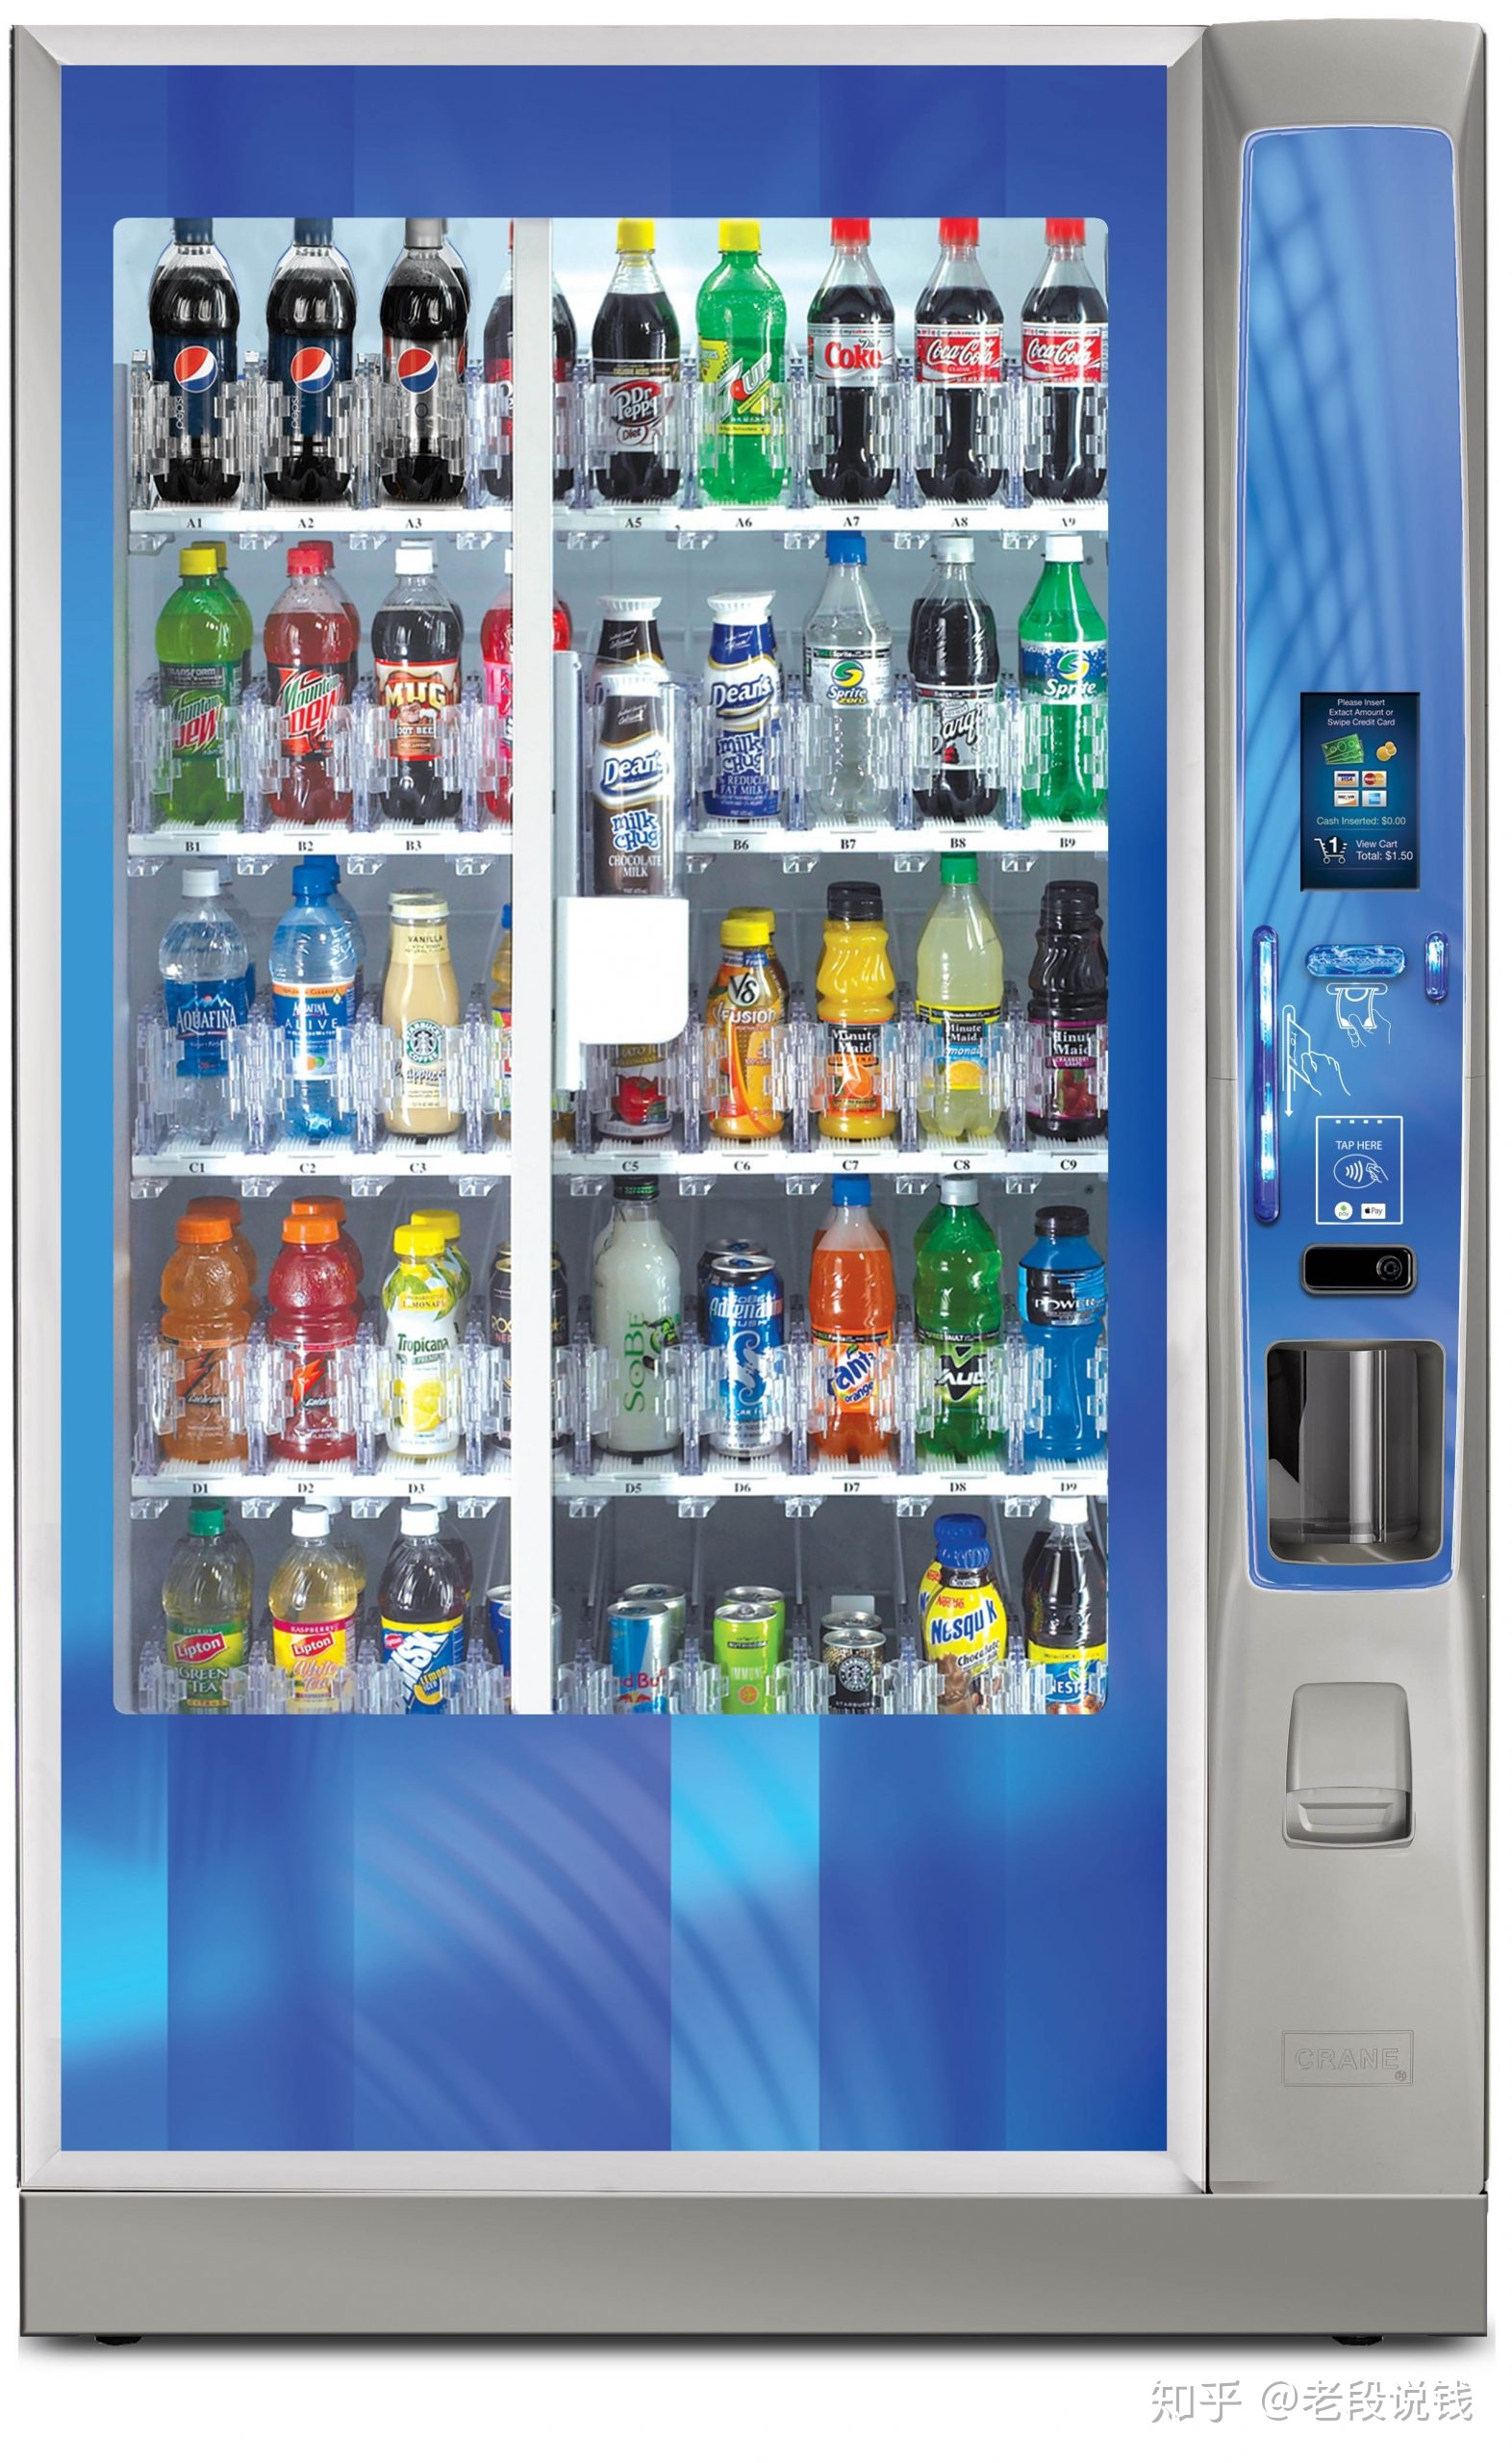 老段说钱:饮料自动售卖机多少钱一台?附上最